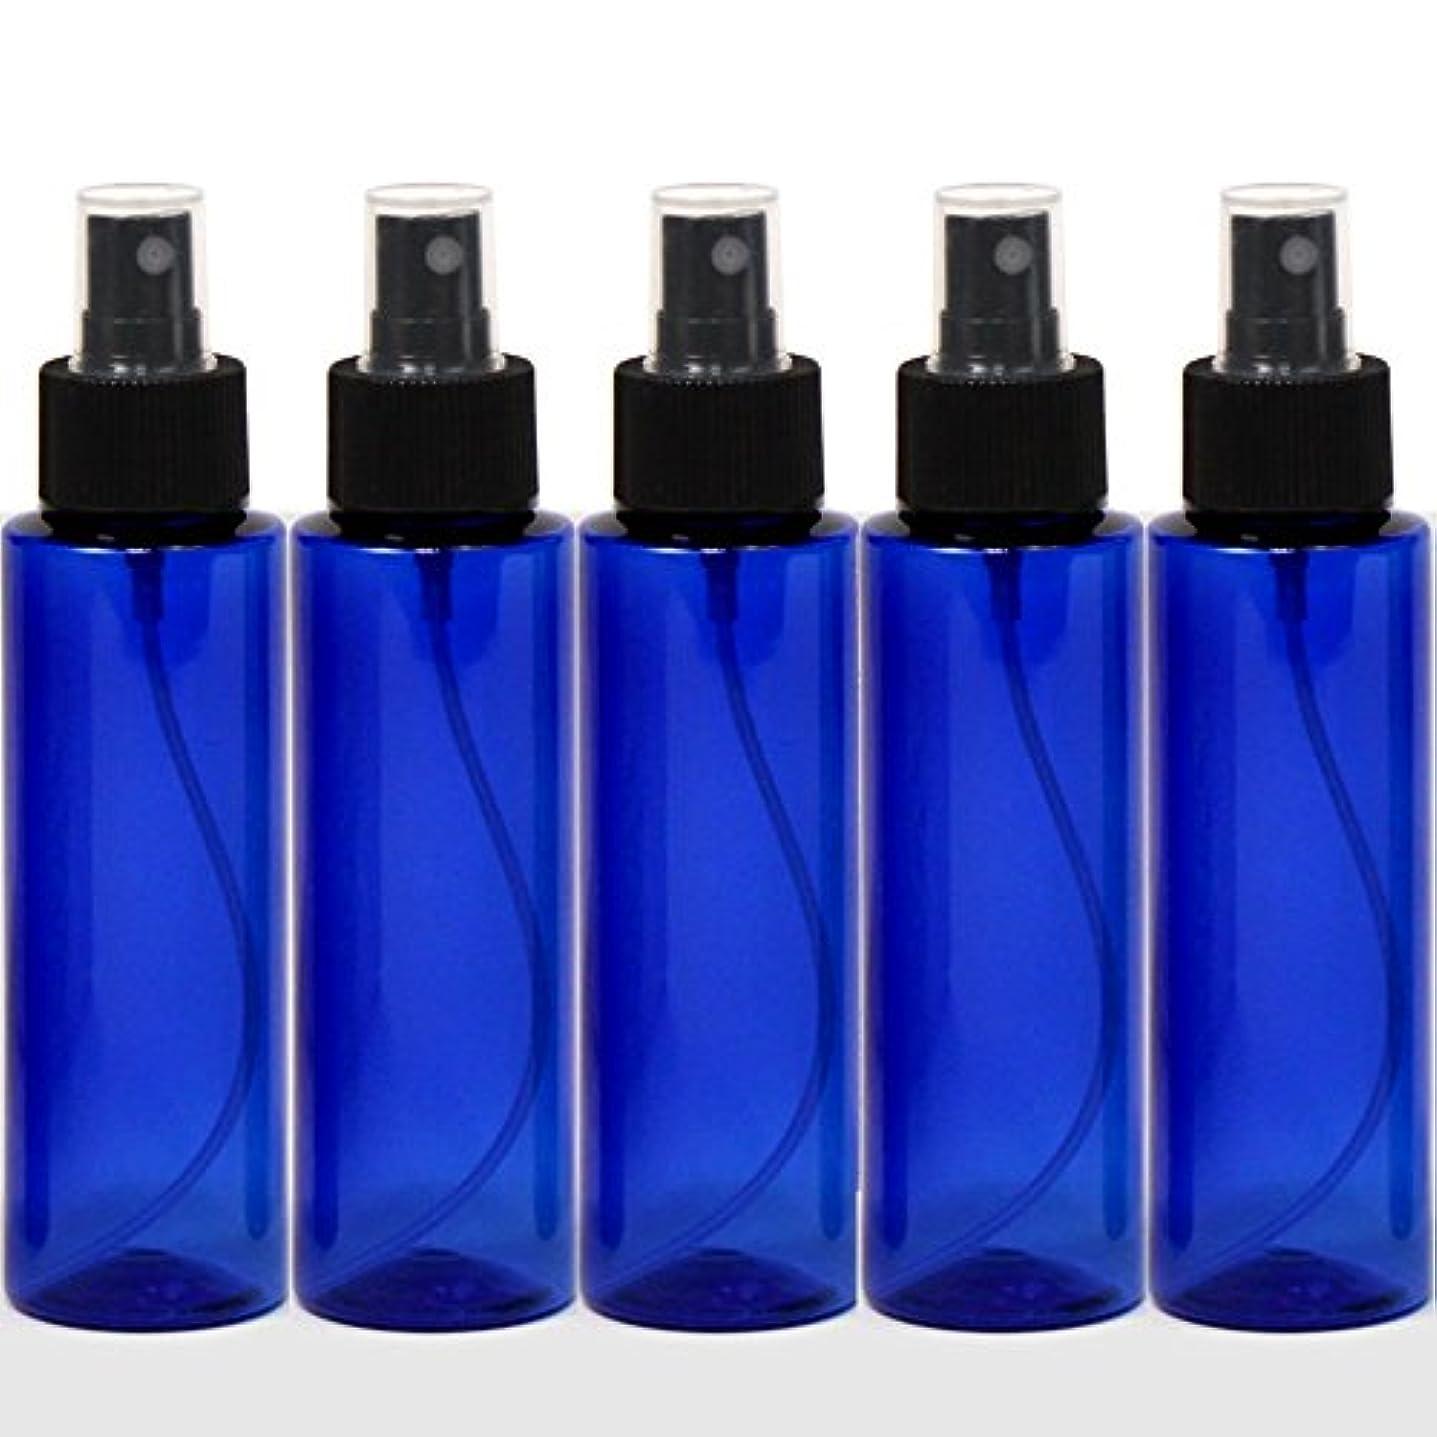 矩形汚染スプレーボトル50mLブルー黒ヘッド5本ストレートペットボトル遮光性青色おしゃれ容器bu50sbk5